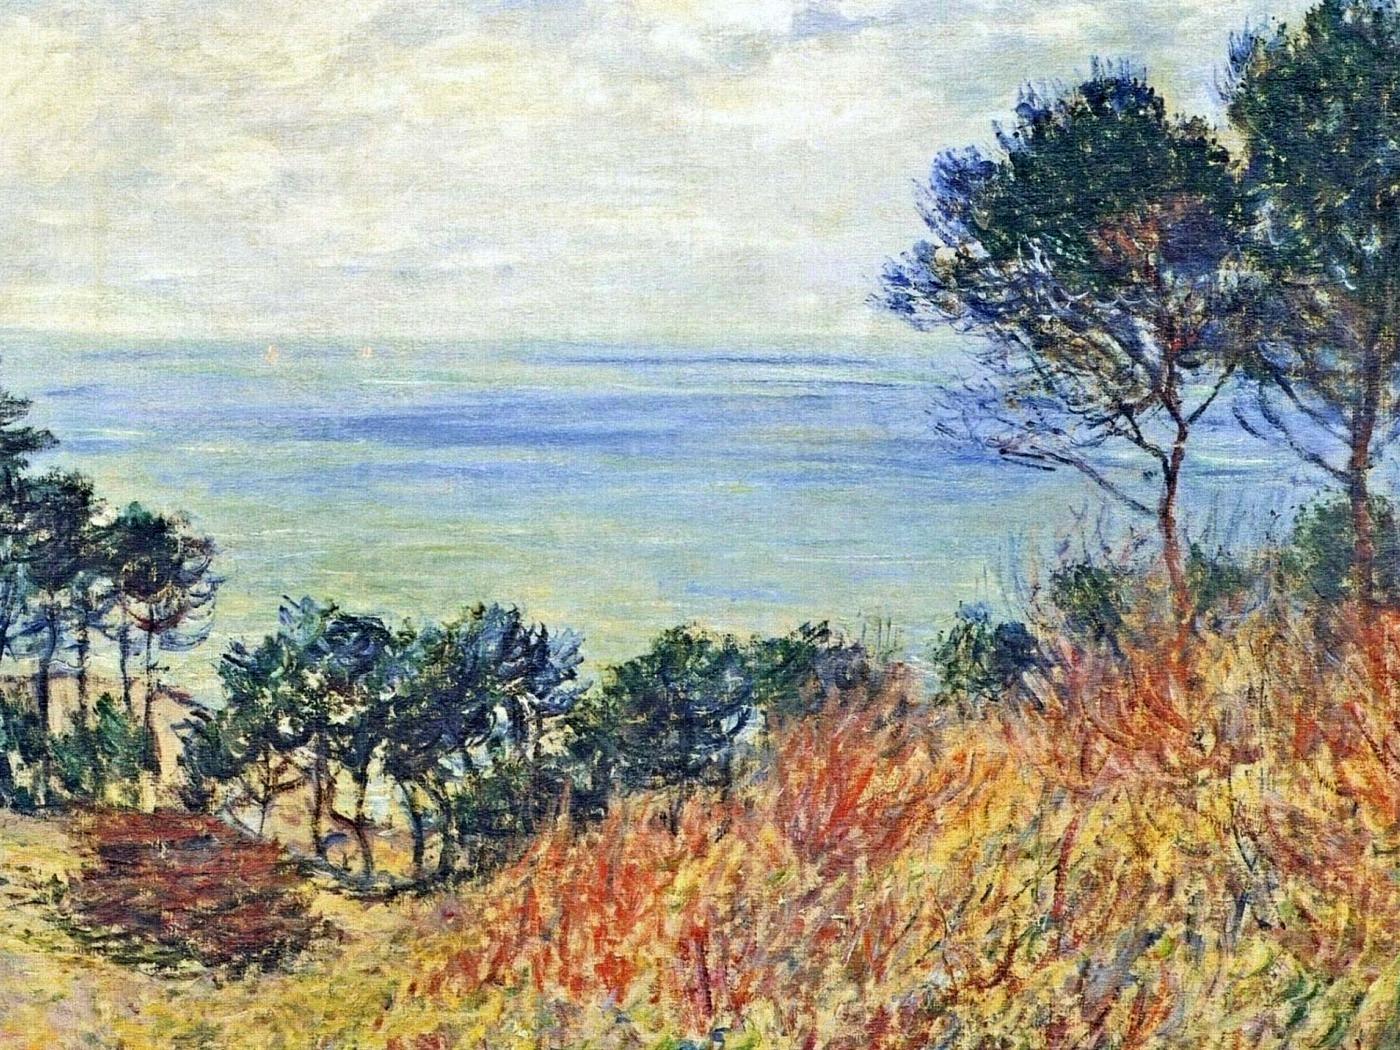 пейзажи - побережье < Морское побережье, Варенживилль >:: Клод Моне, описание картины - Claude Monet фото